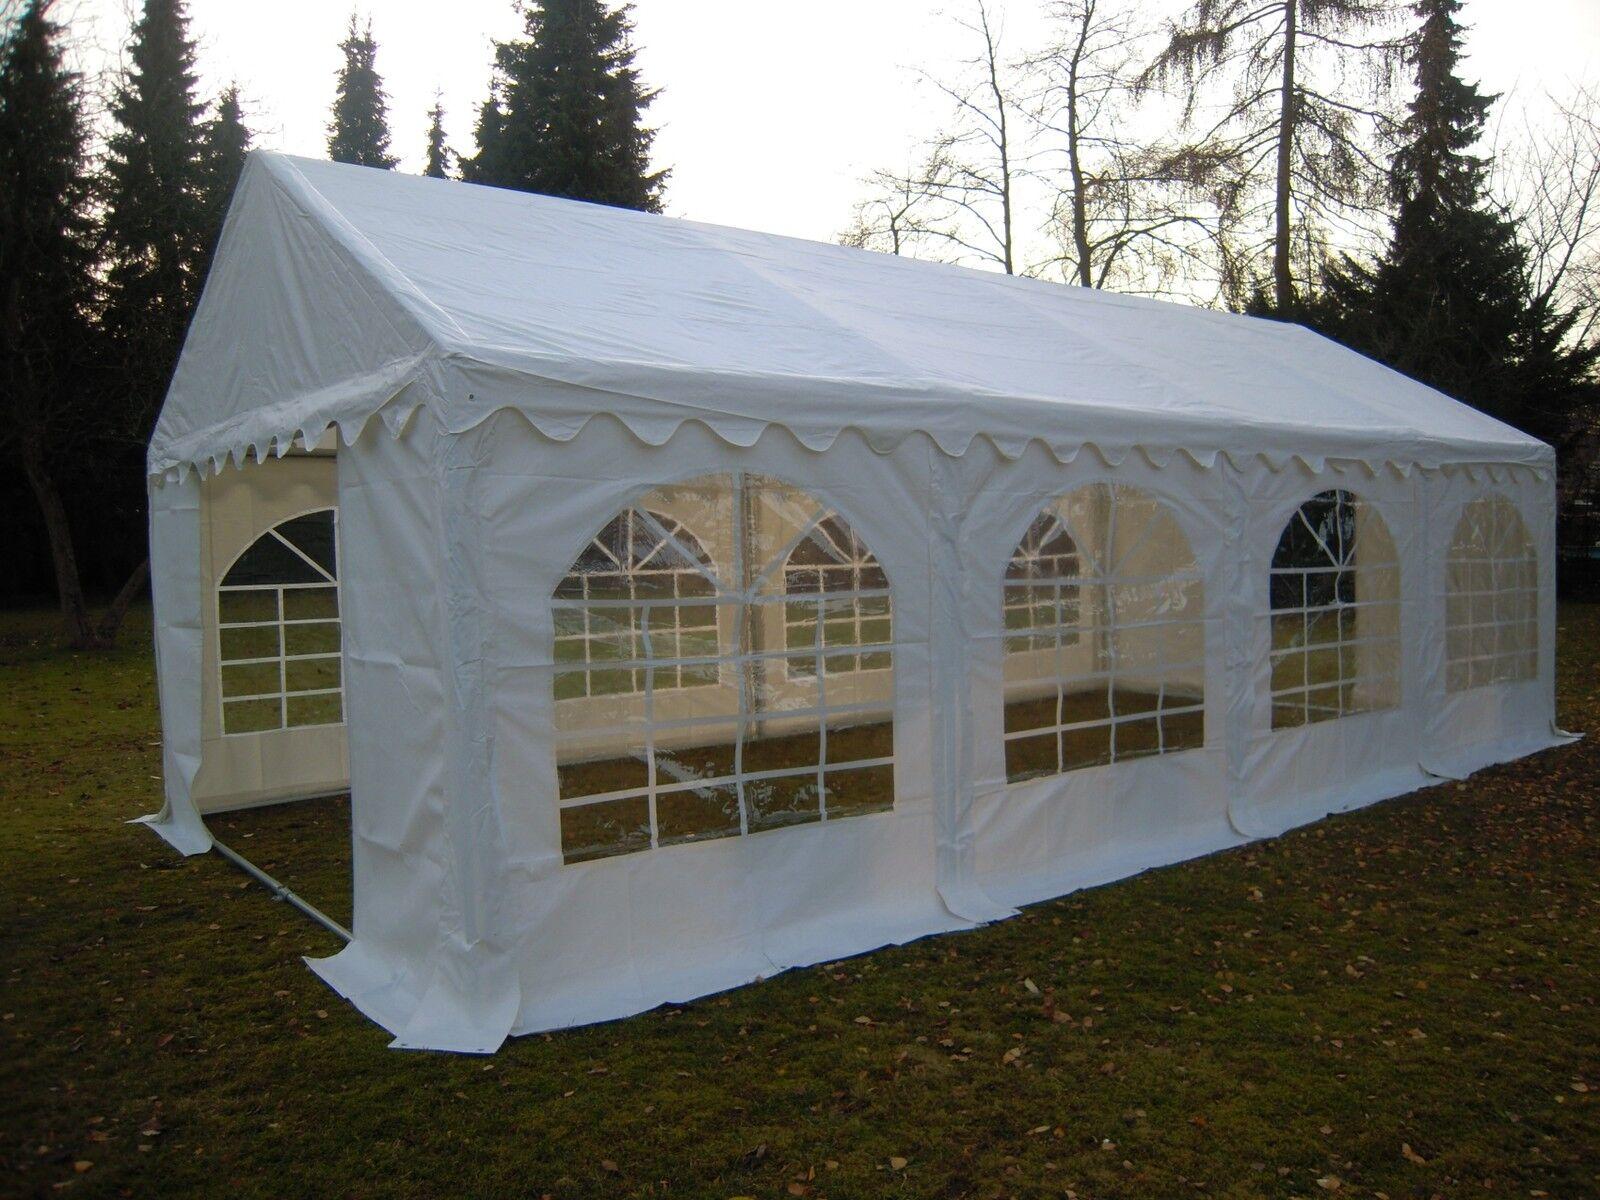 5x8m PVC Partyzelt Bierzelt Zelt Gartenzelt Festzelt Pavillon weiß NEU | Wirtschaftlich und praktisch  | 2019  | Hohe Qualität und Wirtschaftlichkeit